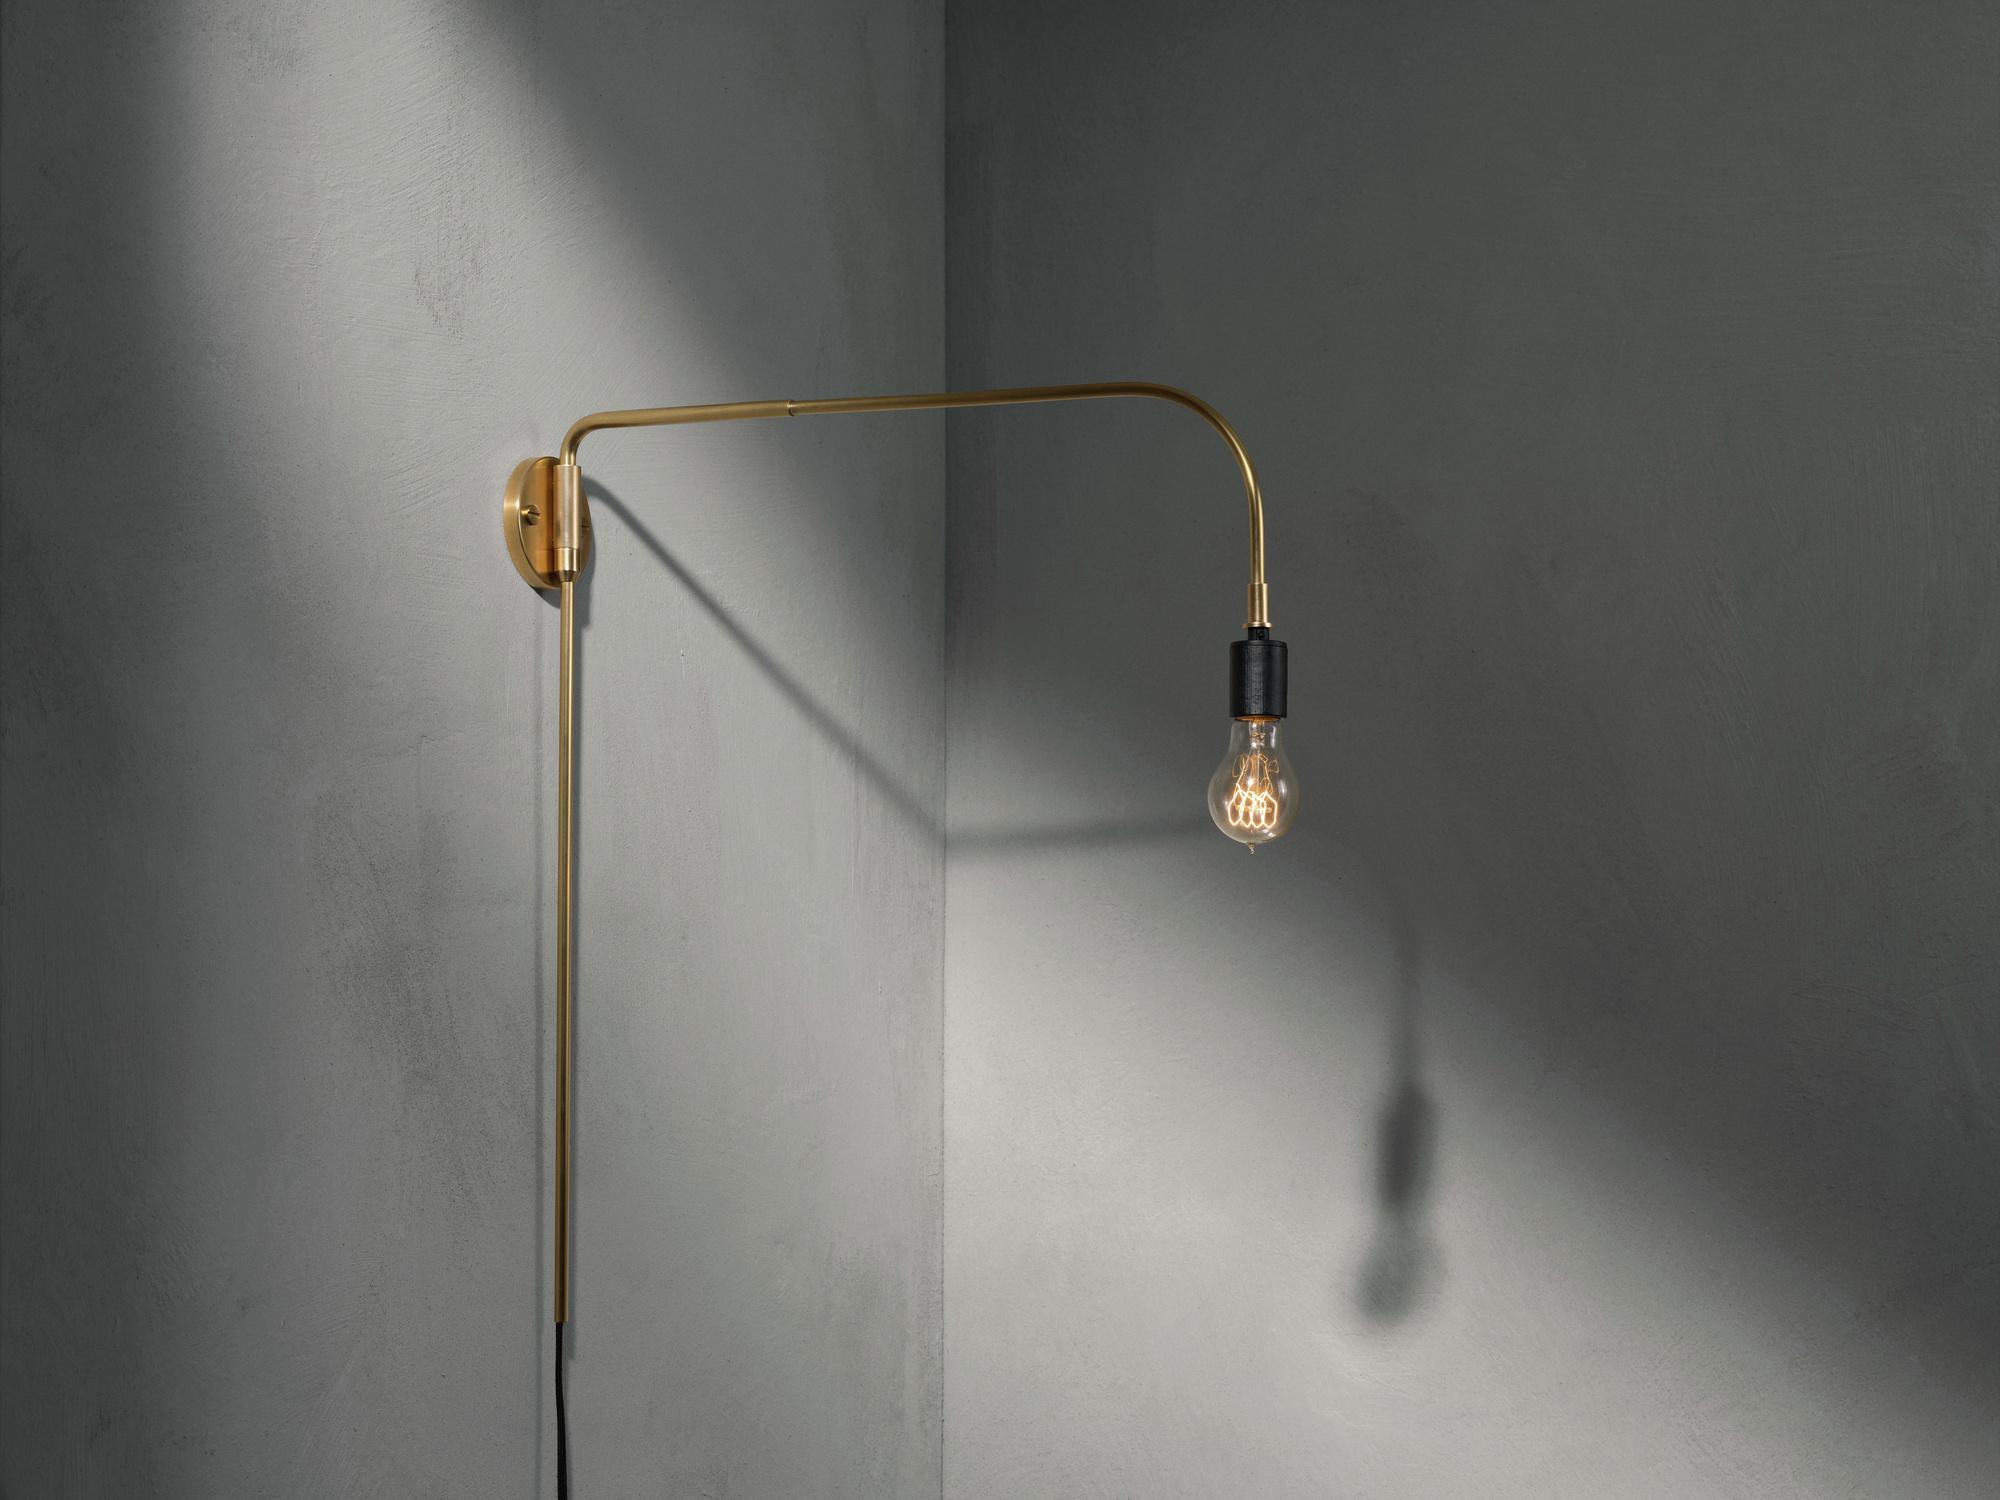 sorenrosestudio_warren_wall_lamp_menu.jpg